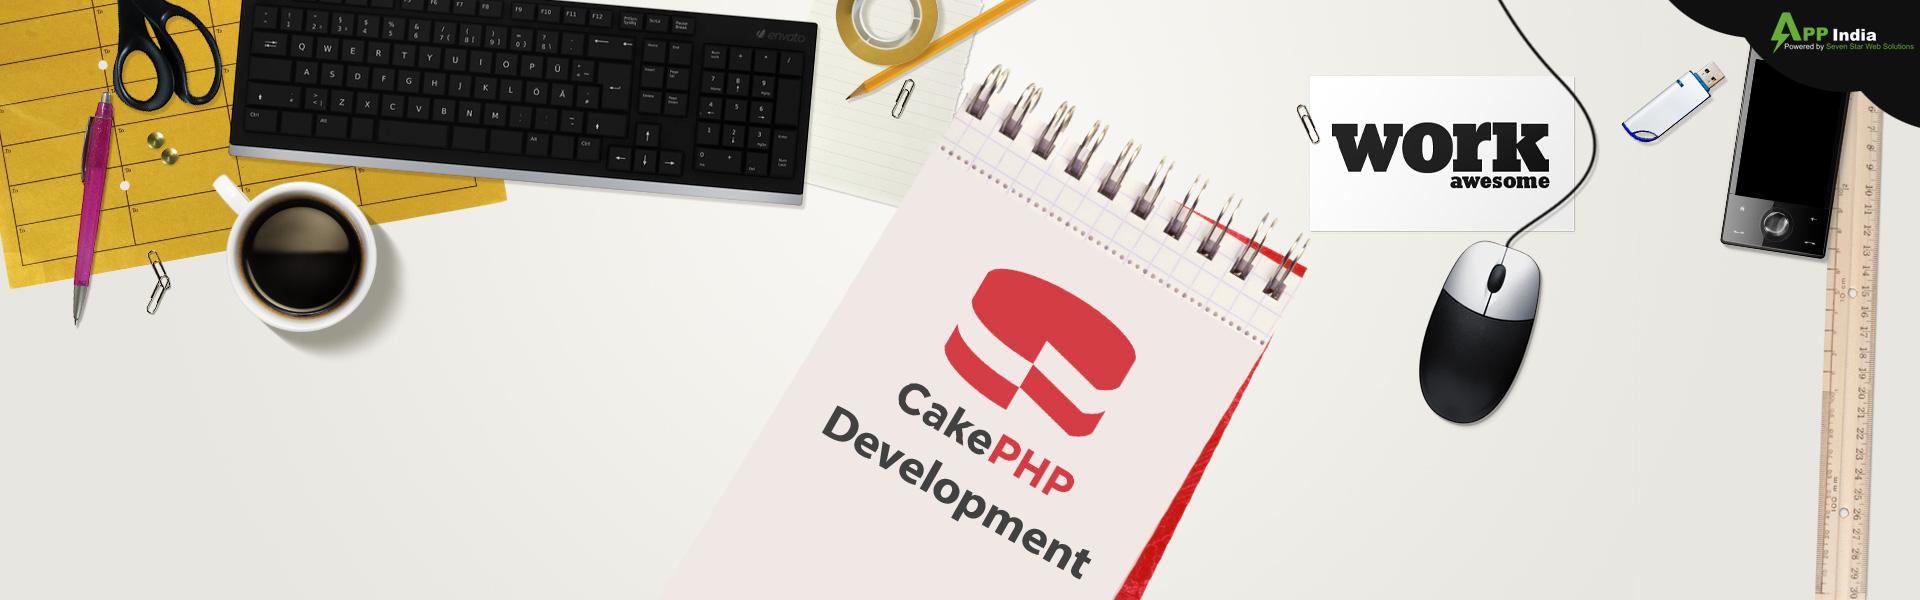 Cakephp Framework Development